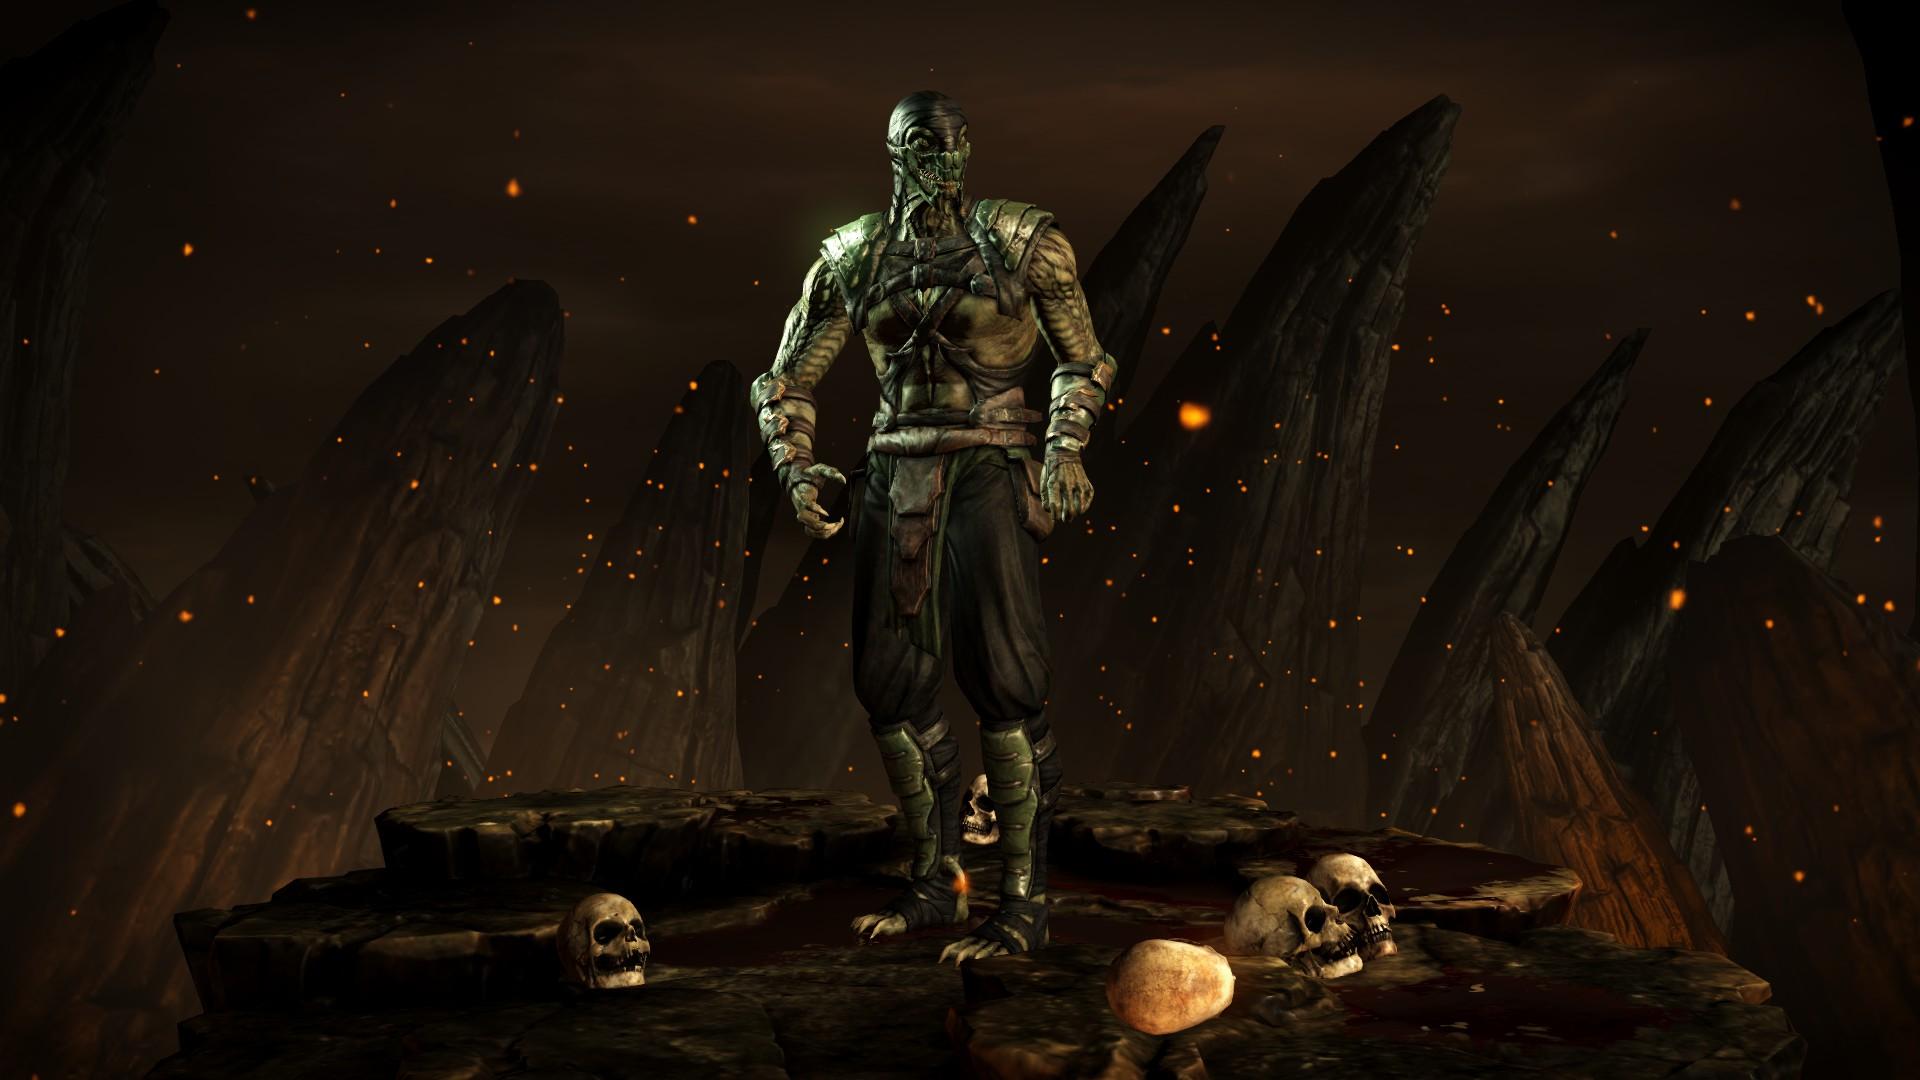 Рептилия (Костюм: Турнир) - Mortal Kombat X